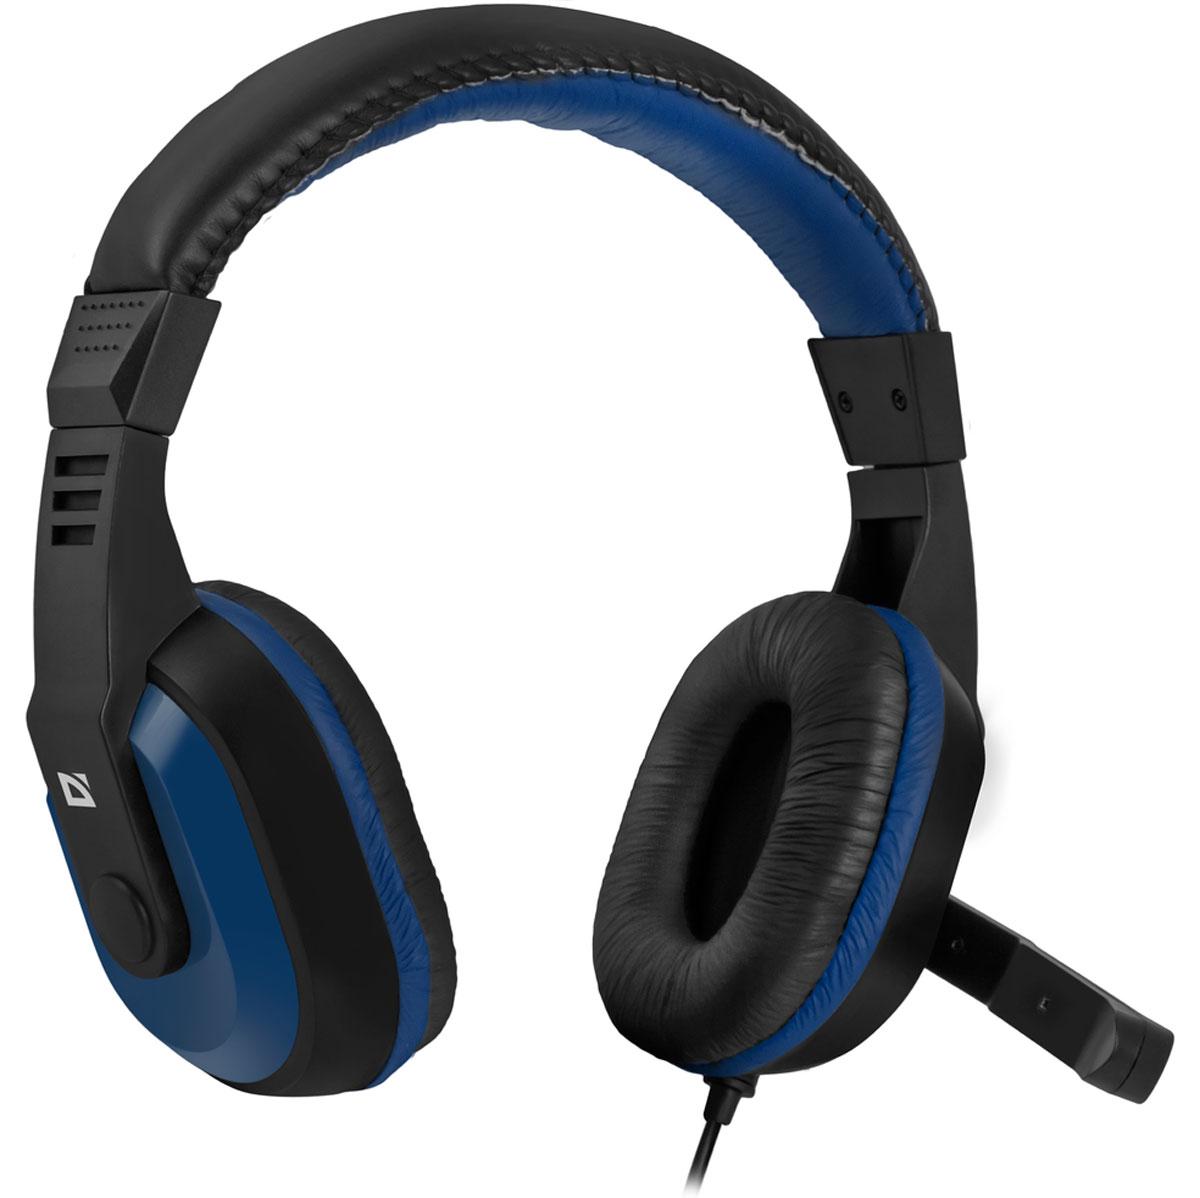 Defender Warhead G-190, Blue Black игровая гарнитура64116Игровая гарнитура Defender Warhead G-190 предназначена для компьютеров нового поколения, использующих комбинированный четырехпиновый разъем для наушников и микрофона. Наушники закрытого типа с большими 40 мм динамиками гарантируют мощный чистый звук. На кабеле гарнитуры удобно расположен регулятор громкости. Благодаря надежной звукоизоляции и комфортным амбюшурам вы сможете играть или слушать музыку с комфортом - ничто не будет вам мешать! Частотный диапазон микрофона: 20 Гц - 16 кГц Сопротивление микрофона: 2,2 кОма Чувствительность микрофона: 54 дБ